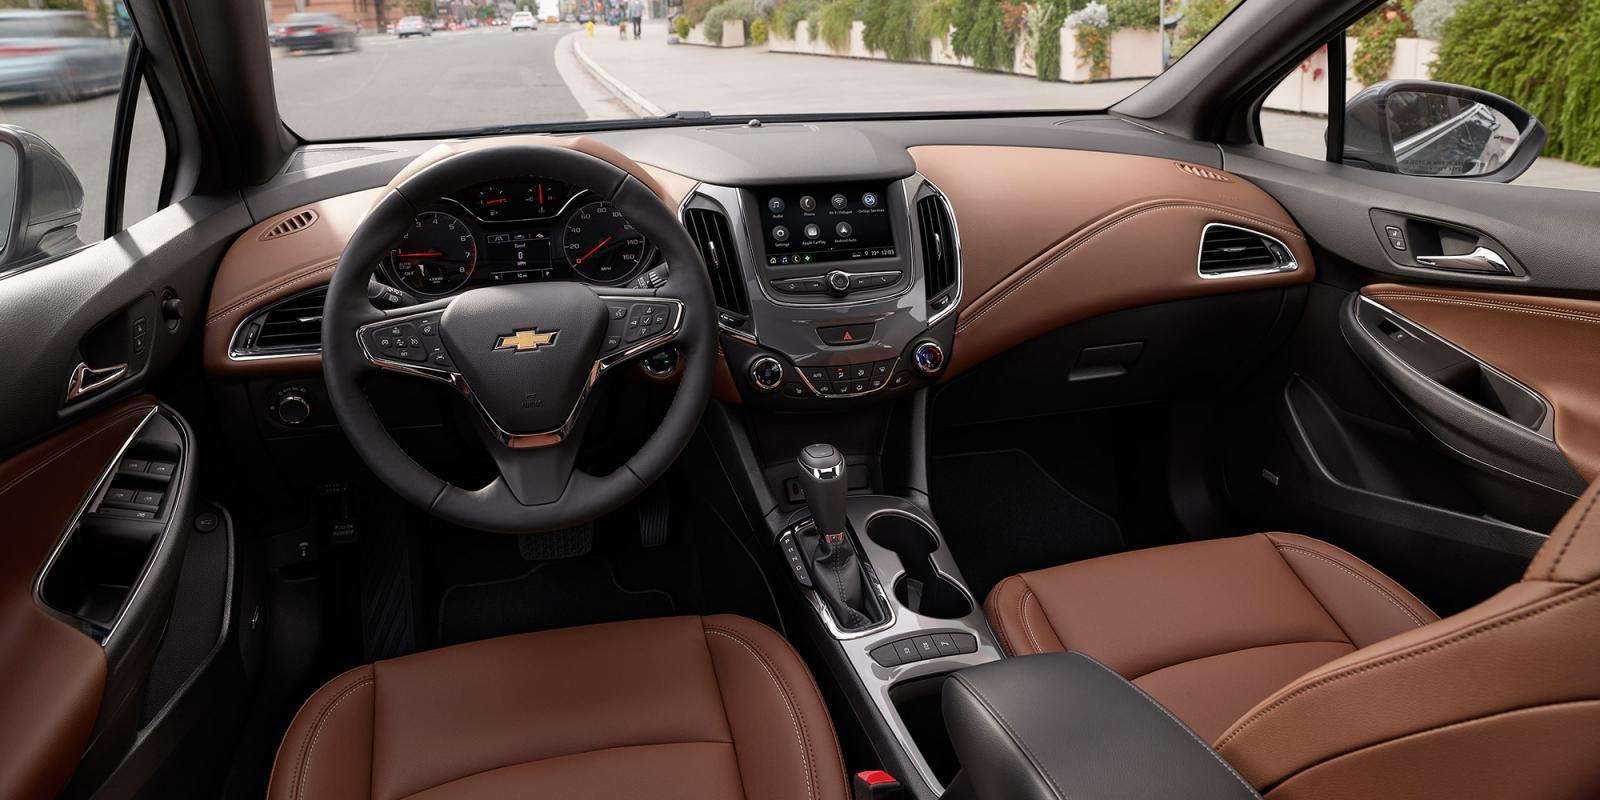 Chevrolet Cruze thế hệ mới âm thầm xuất hiện tại Việt Nam kèm giá bán a8